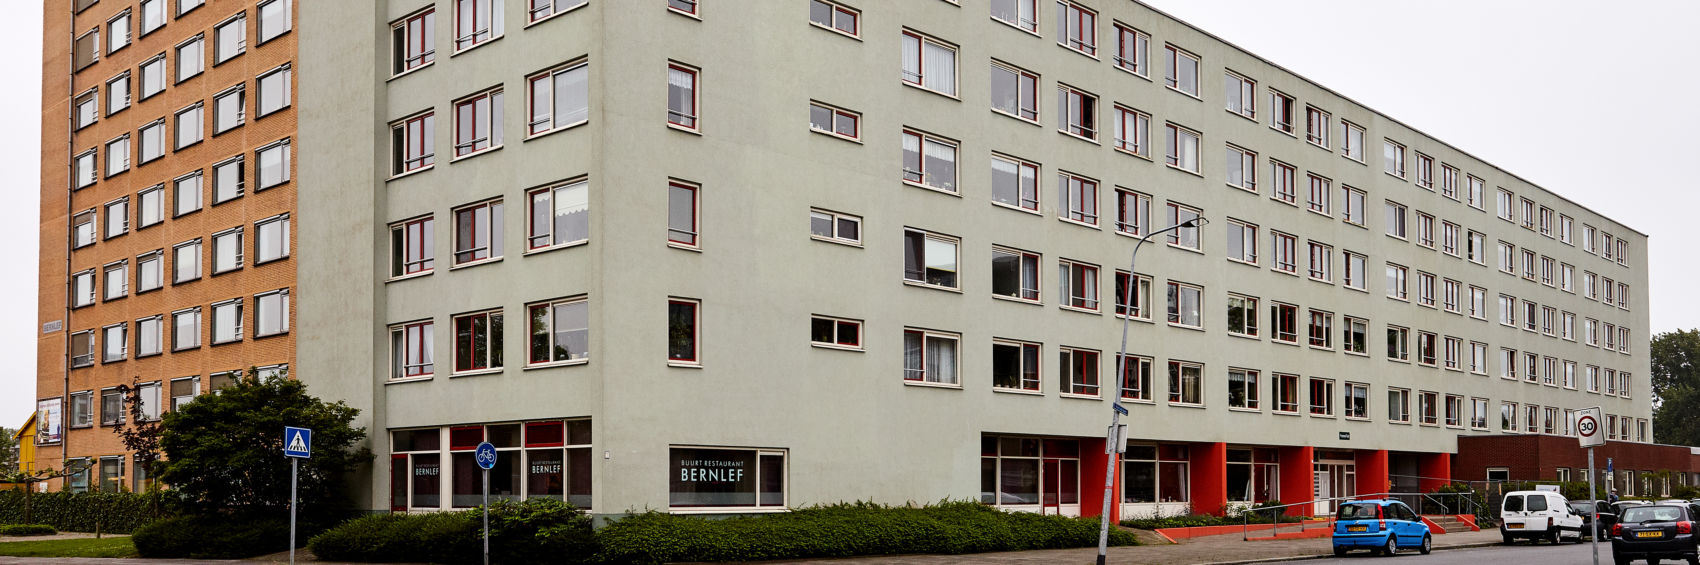 Bernlef woonservicecentrum Groningen